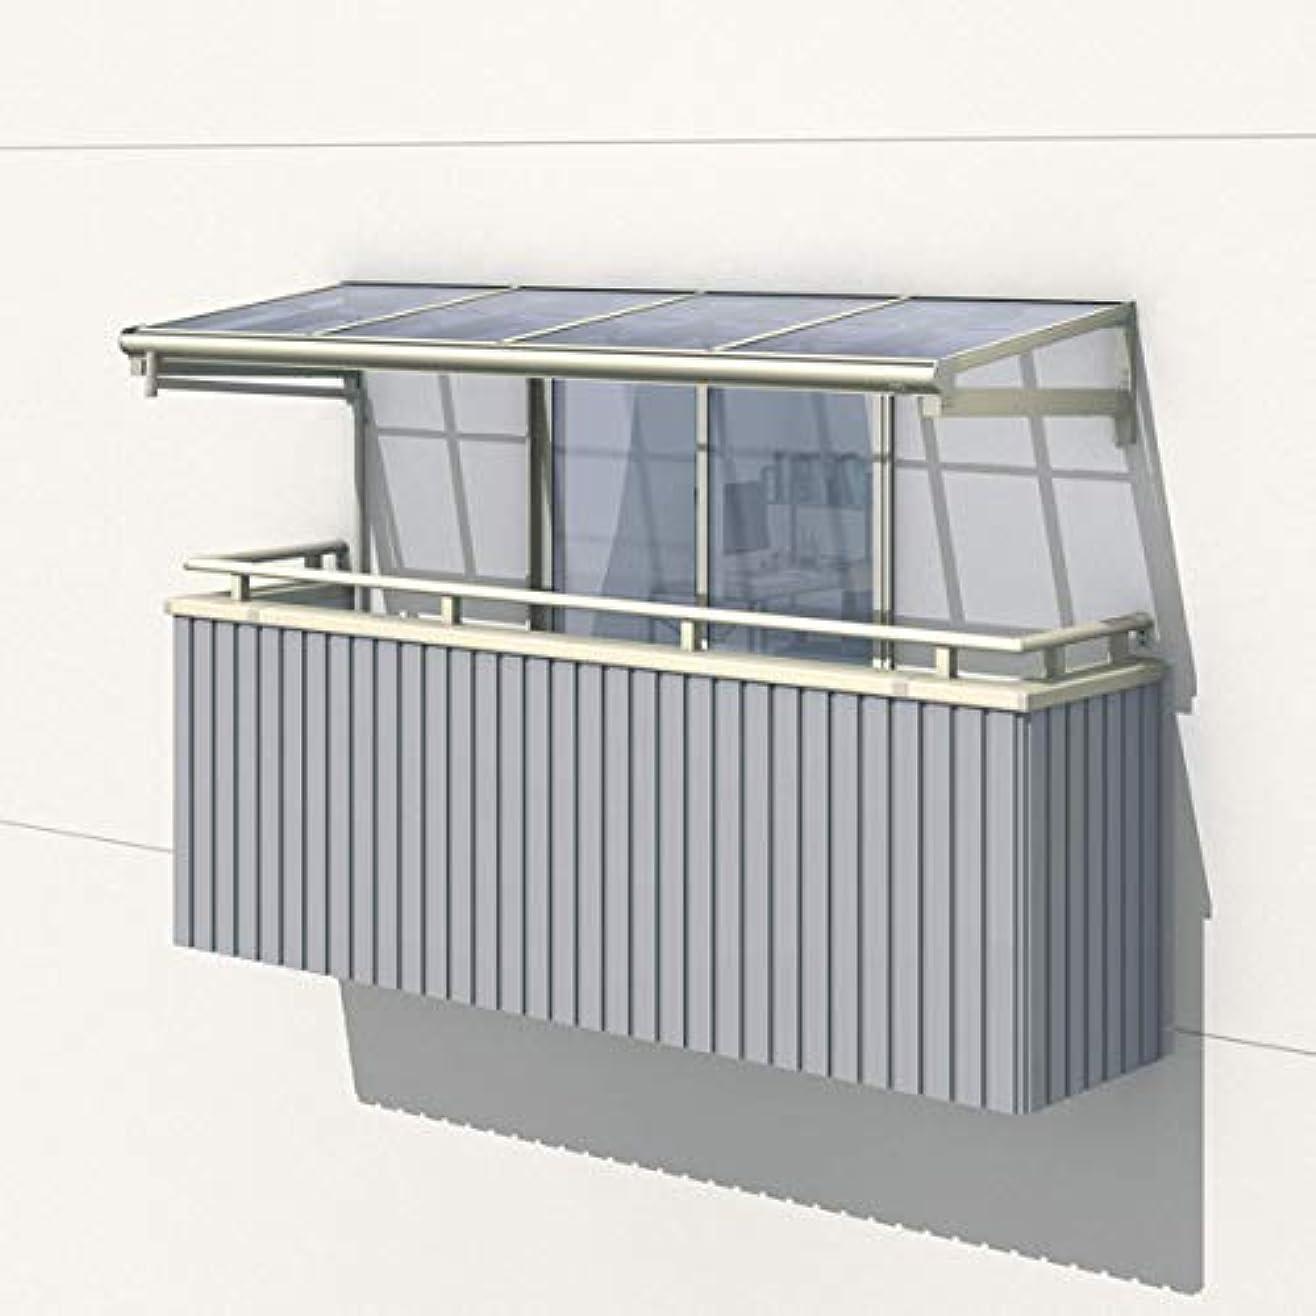 寝る競争かび臭い三協アルミ レボリューZ 0.5間×2尺 1500タイプ/関東間/1?2?3階用F型/柱なし式/単体 *雨トイは3m×2本を手配します 『テラス屋根』 ポリカーボネート ブロンズ